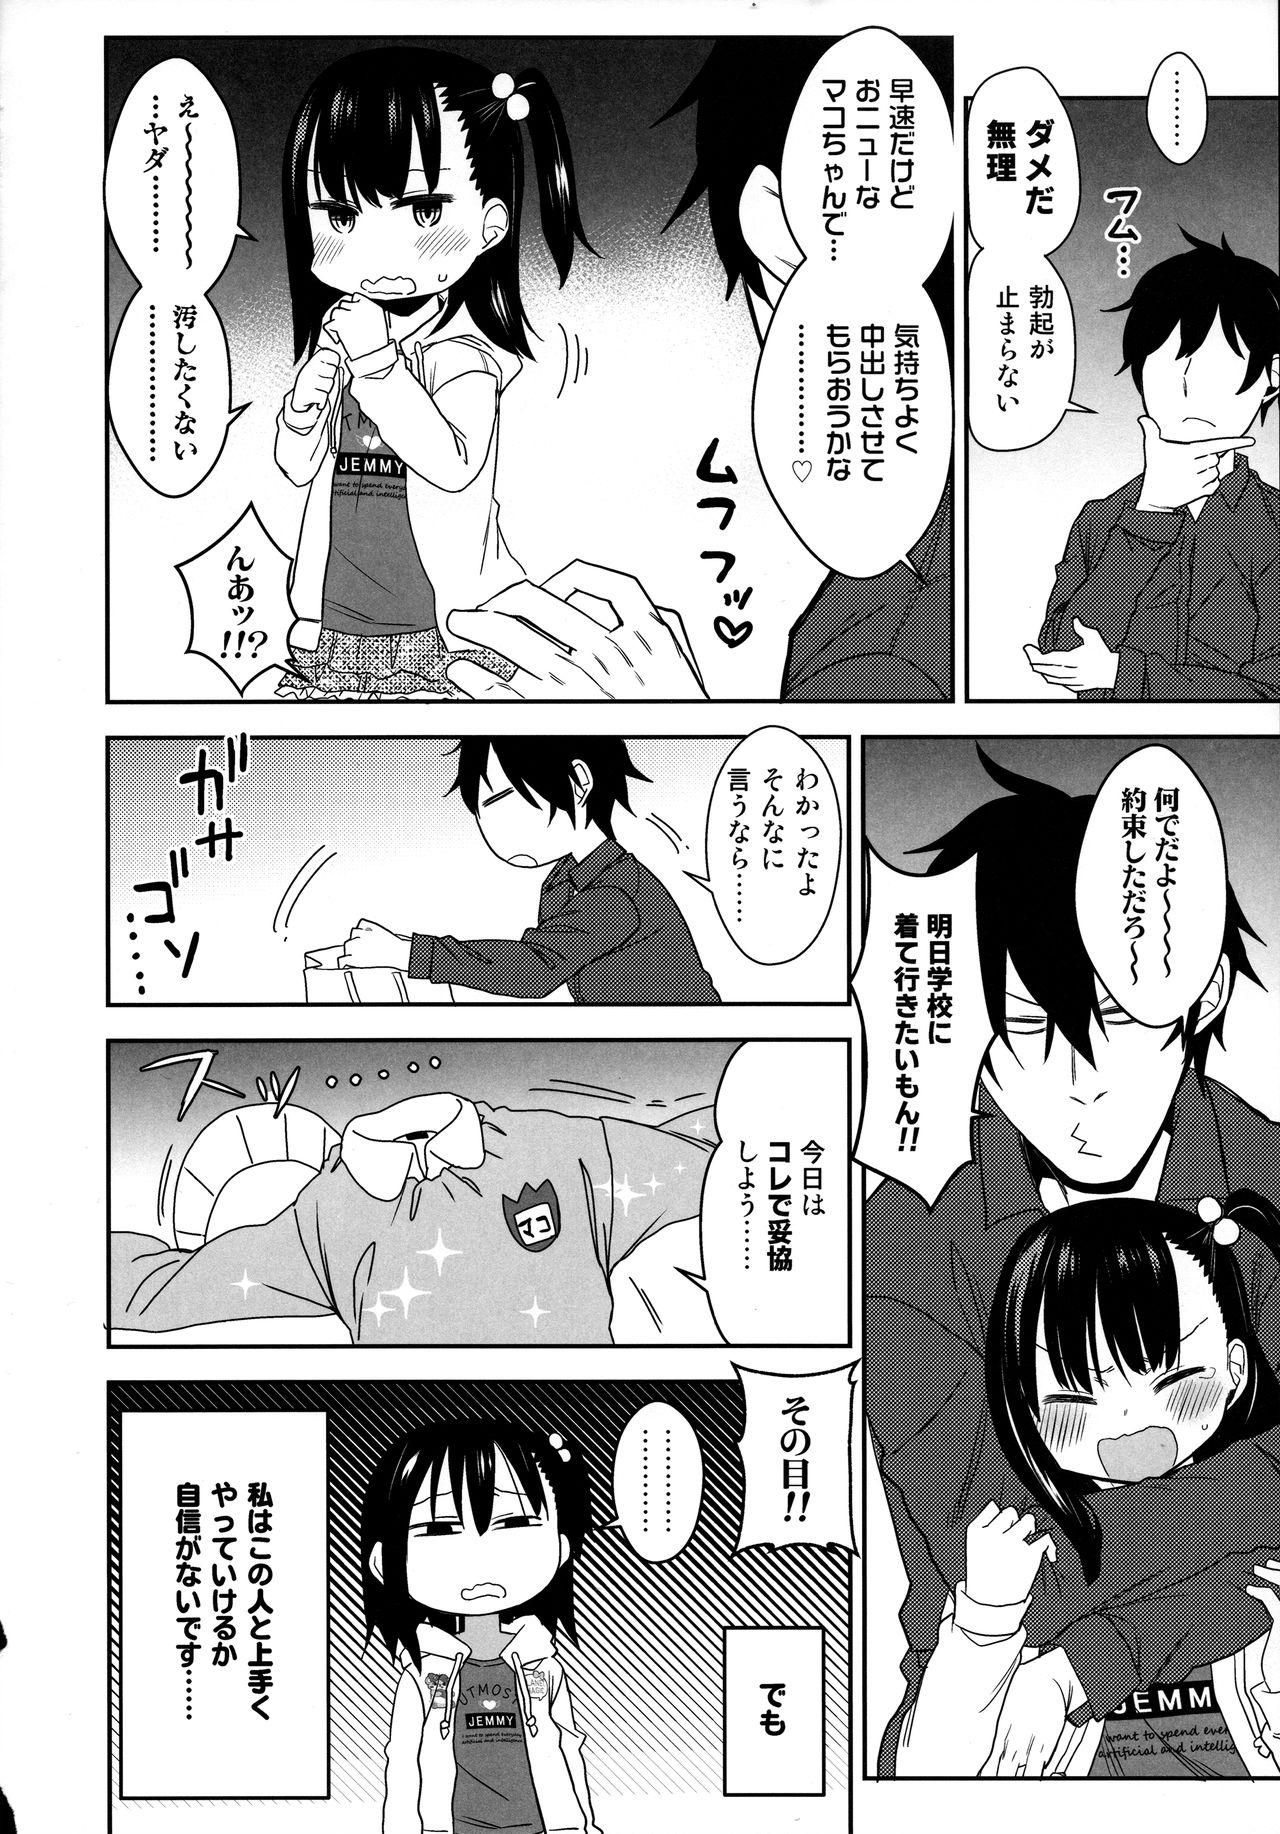 Tonari no Mako-chan Season 2 Vol. 1 7